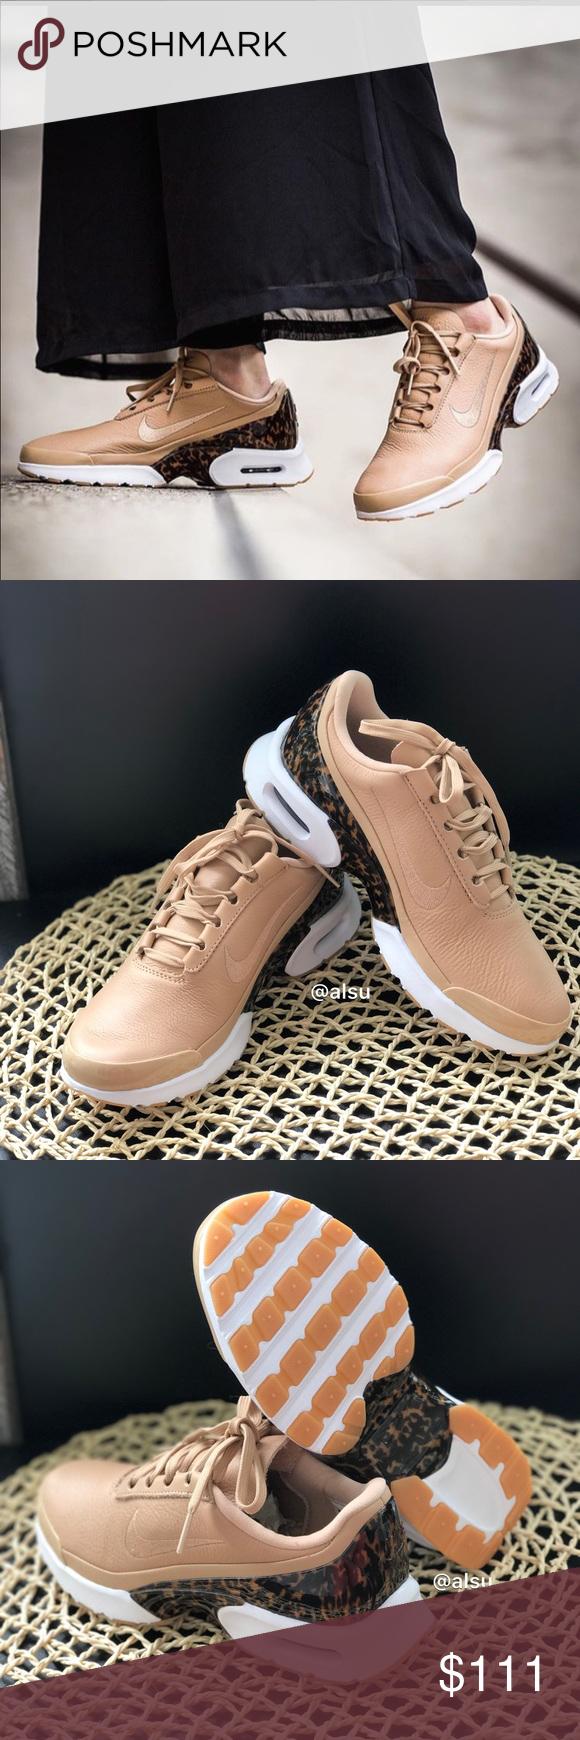 04d0508f03e1 NWT Nike Air Max Jewell LX Vachetta Tan WMNS Brand new with no lid box.